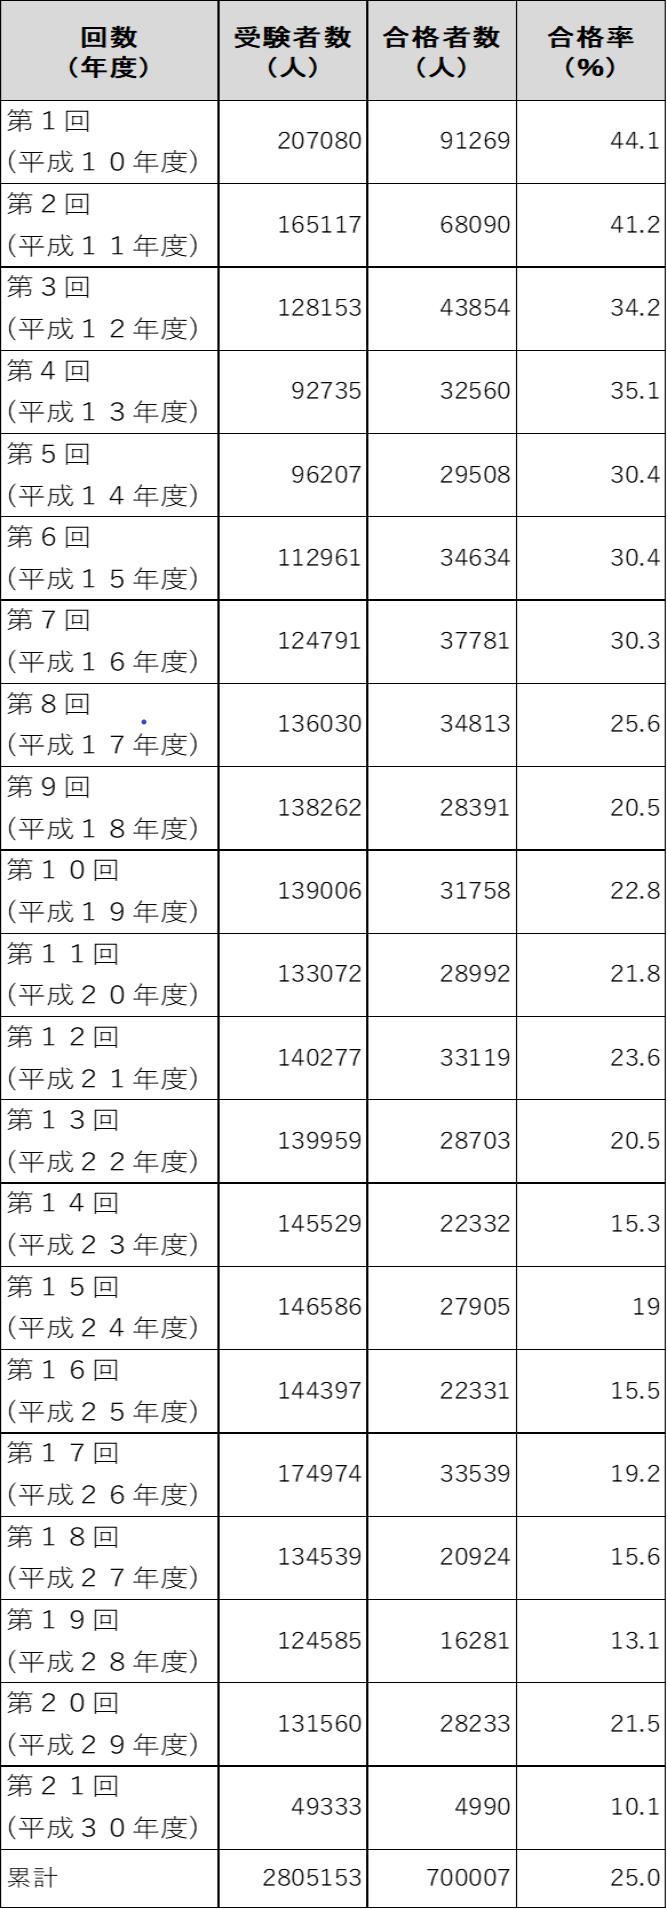 第21回試験合格率10.1%、合格者数5000人弱